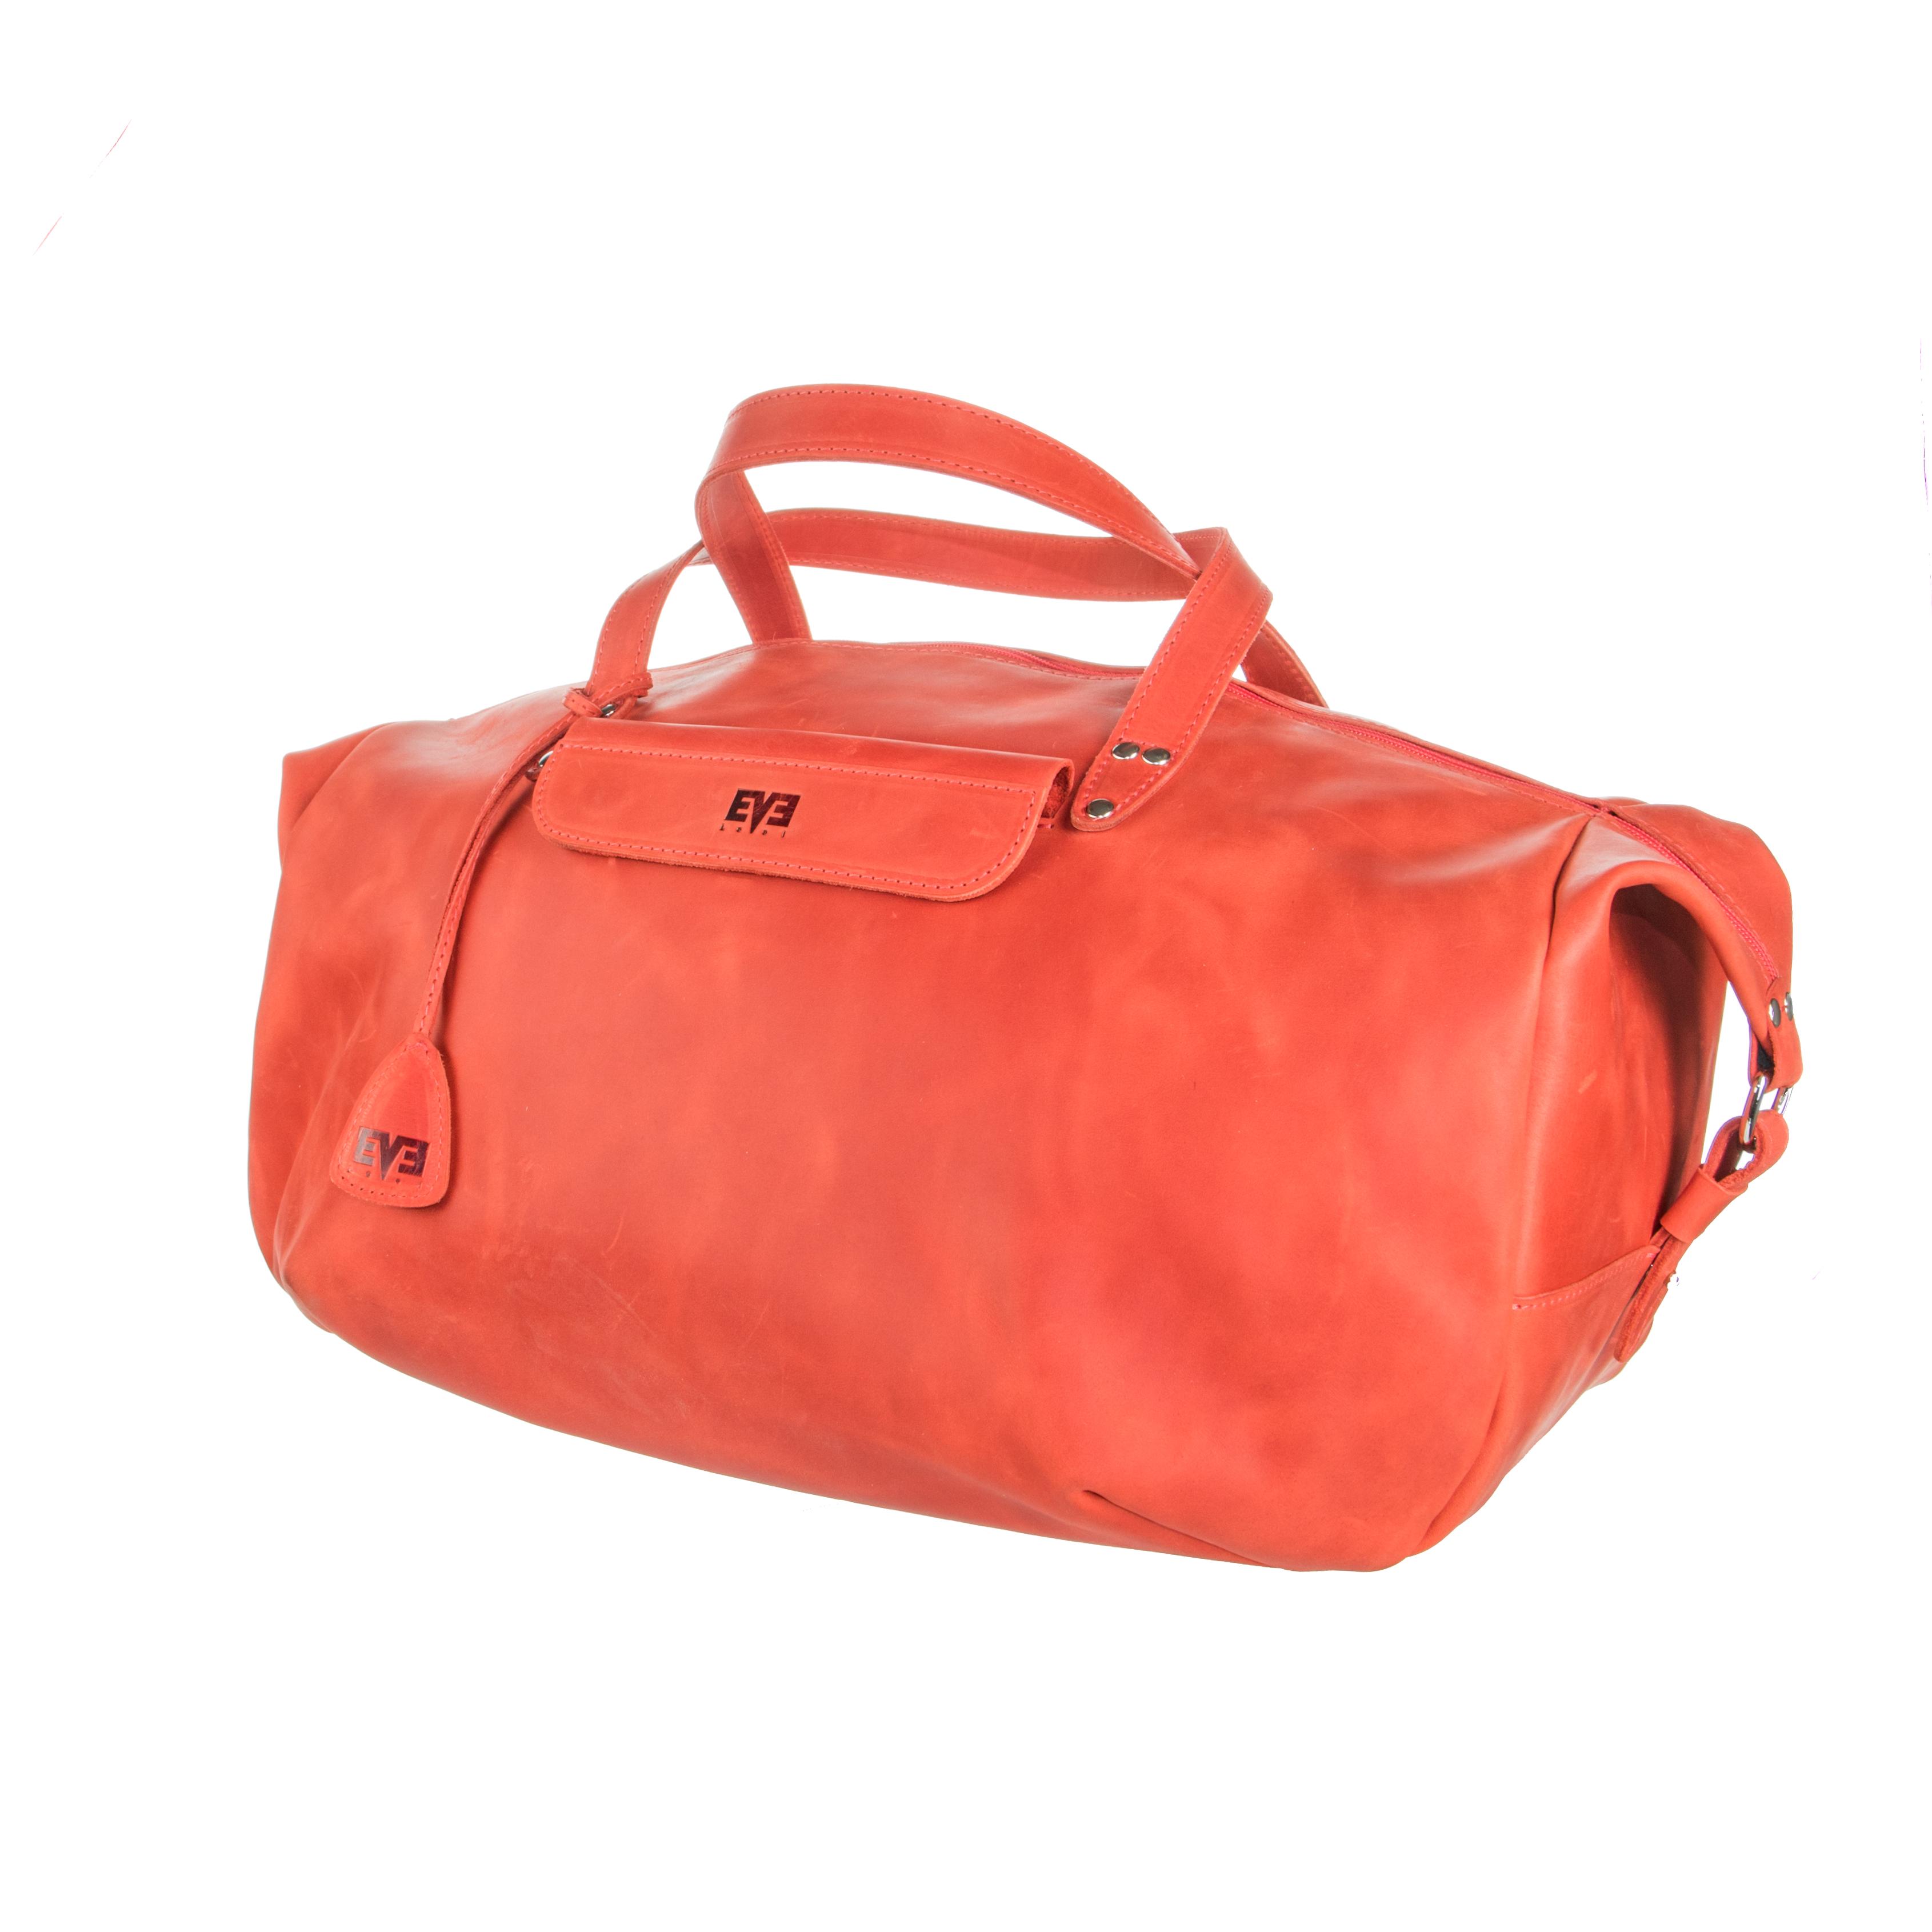 5840c3b5cb3b Кожаная дорожная сумка